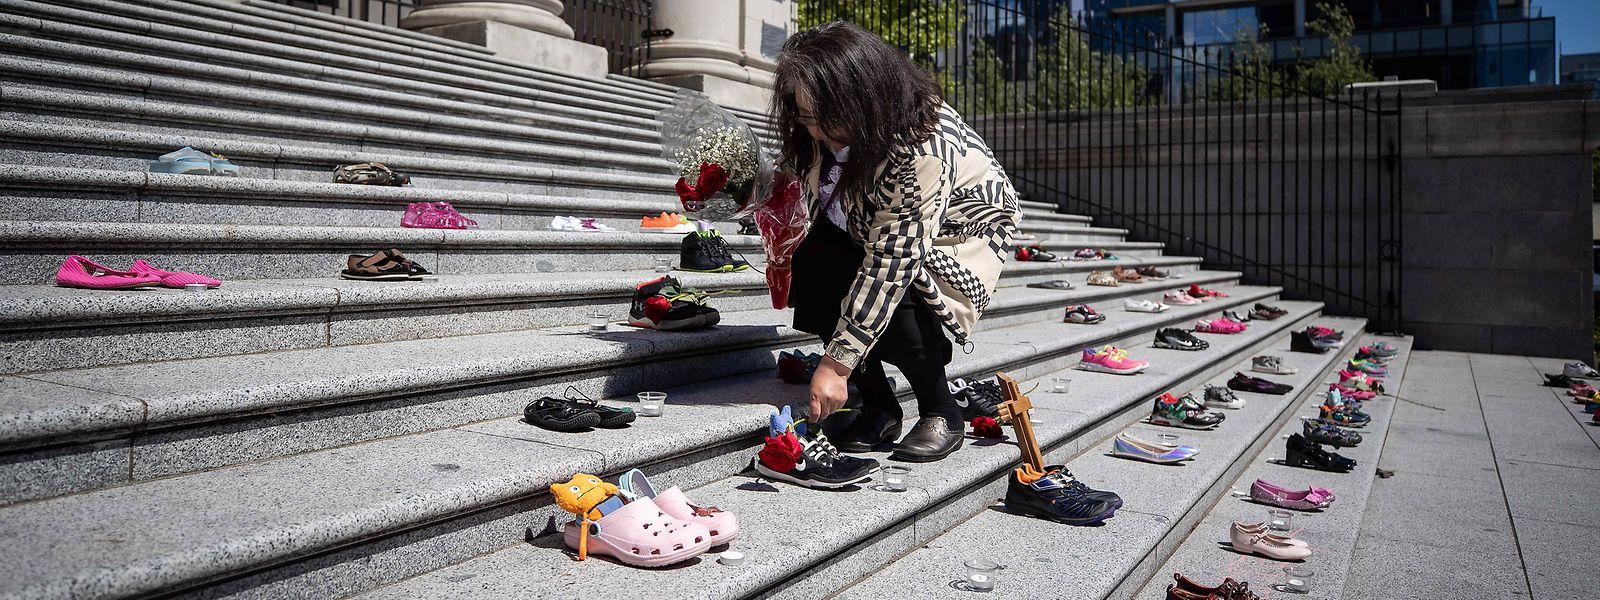 Nach dem Fund von Kamloops: 215 Paar Kinderschuhe auf den Stufen der Vancouver Art Gallery als Mahnmal für 215 tote Kinder kanadischer Ureinwohner.